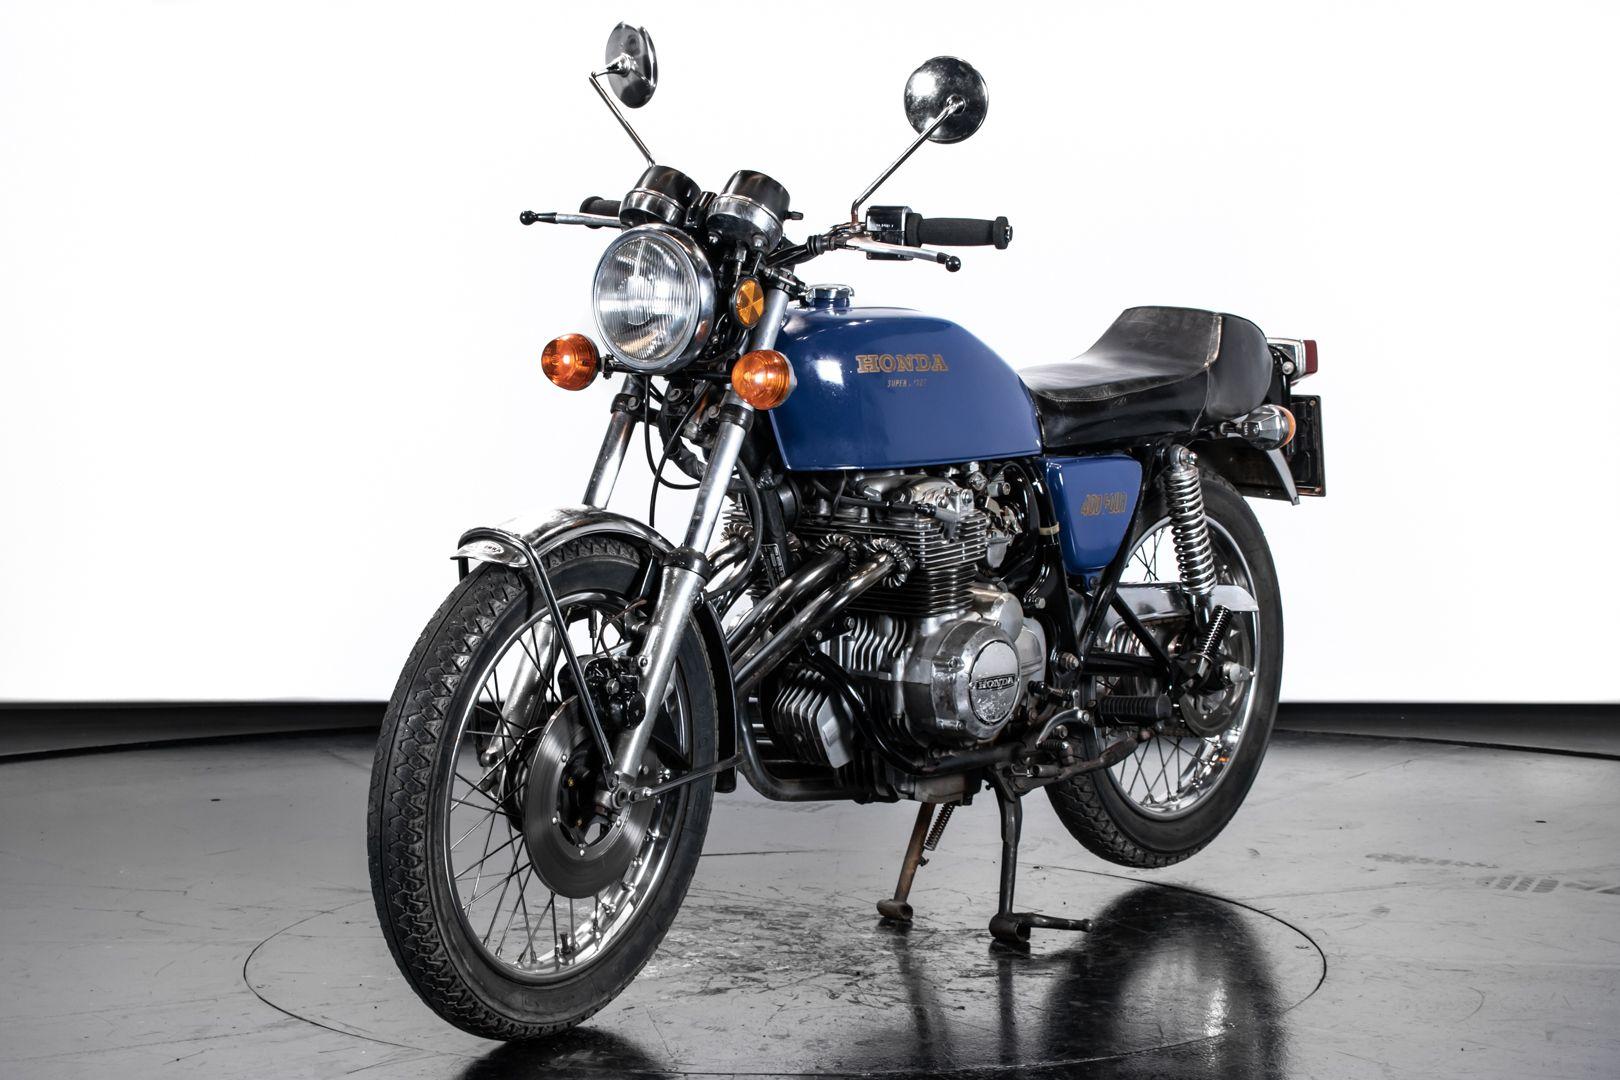 1976 Honda Four 400 SS 79869